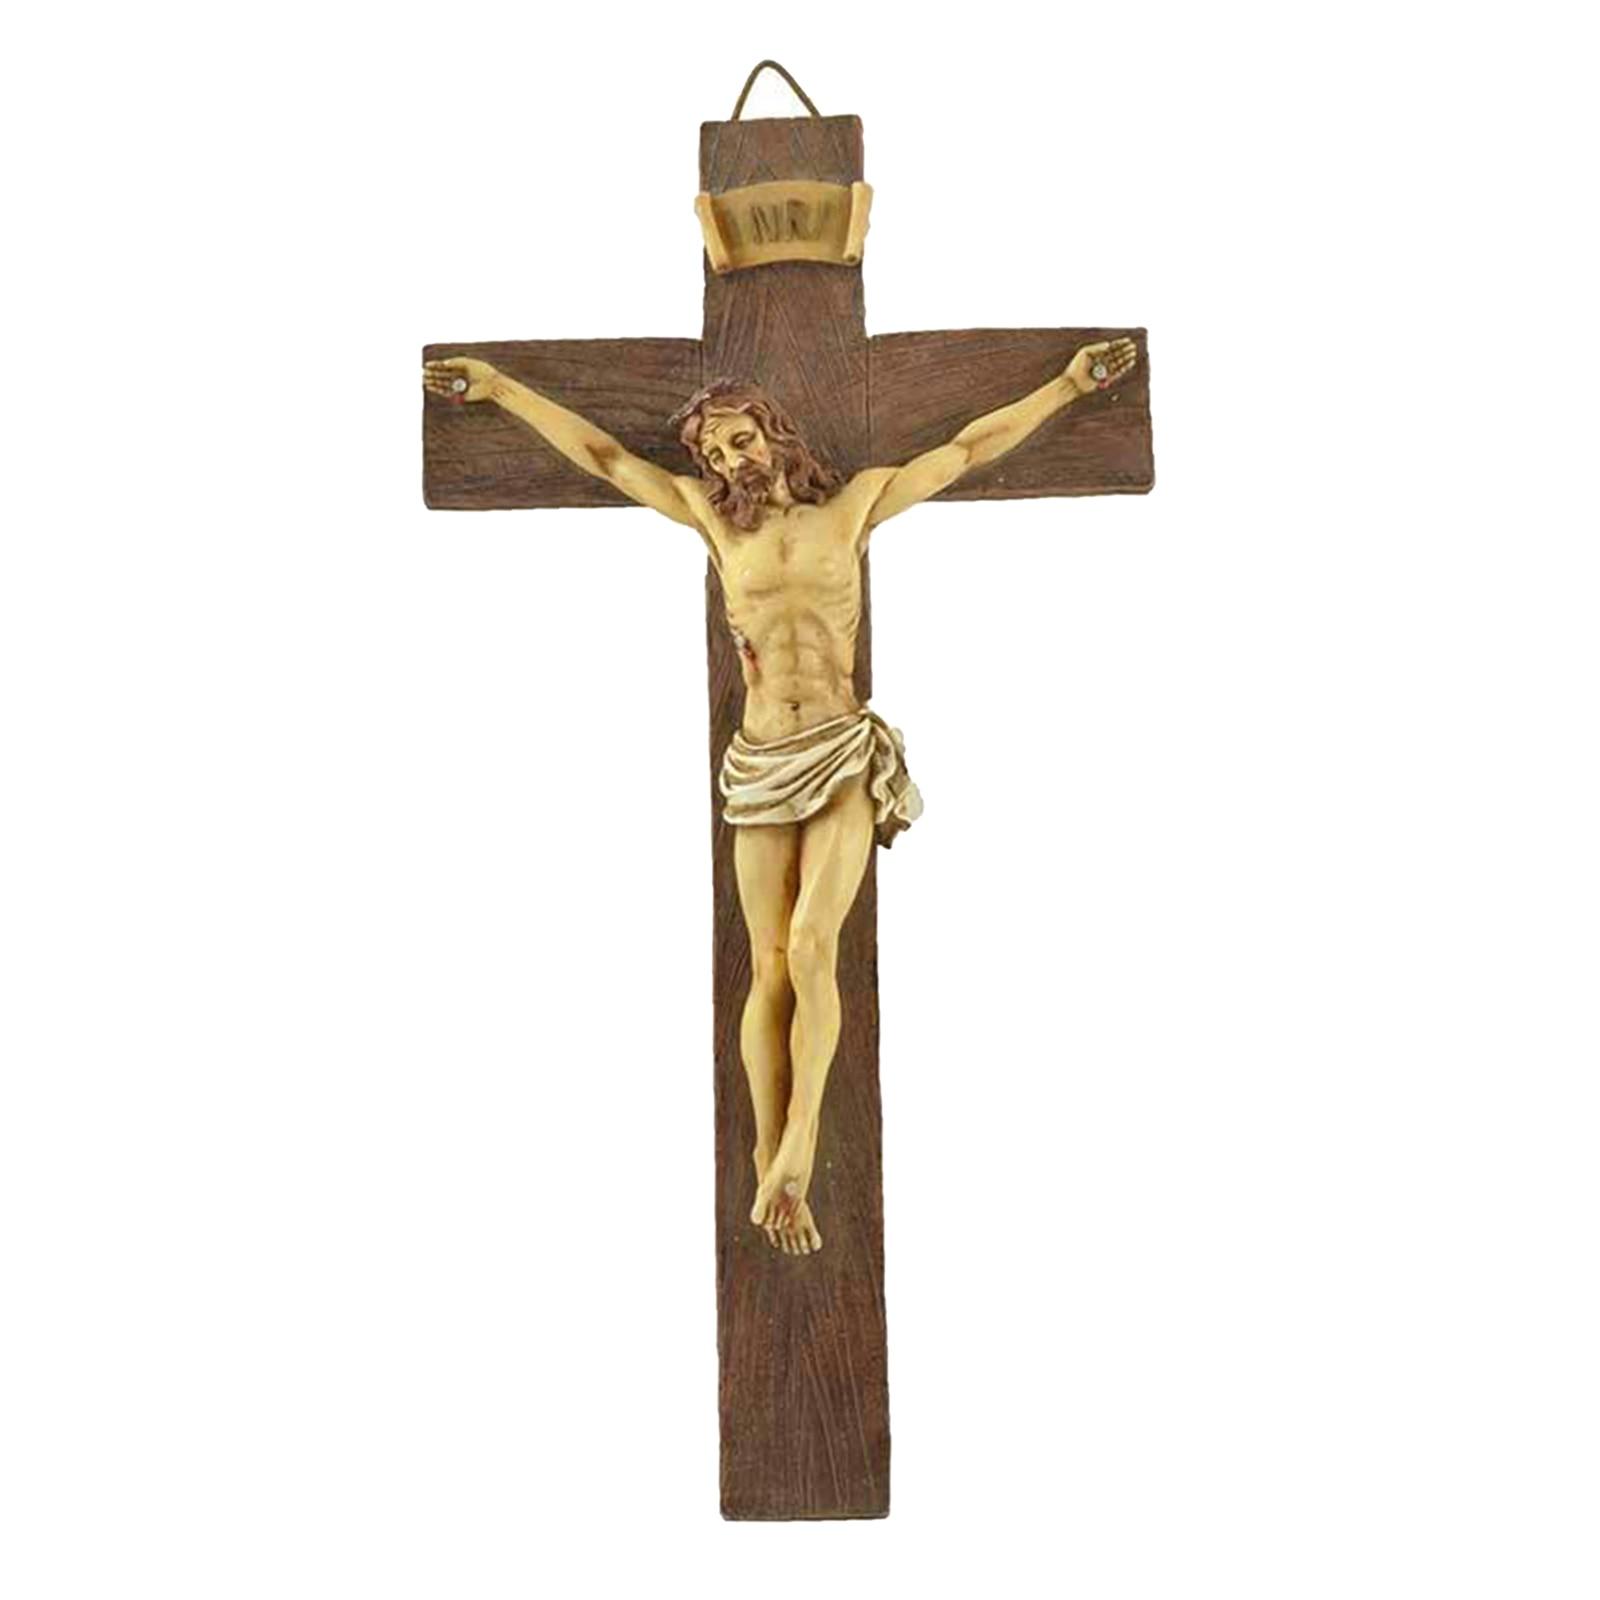 Смола распятие Модель Статуэтка Иисуса Христа на стене дома часовни украшения католические фигурки поделки